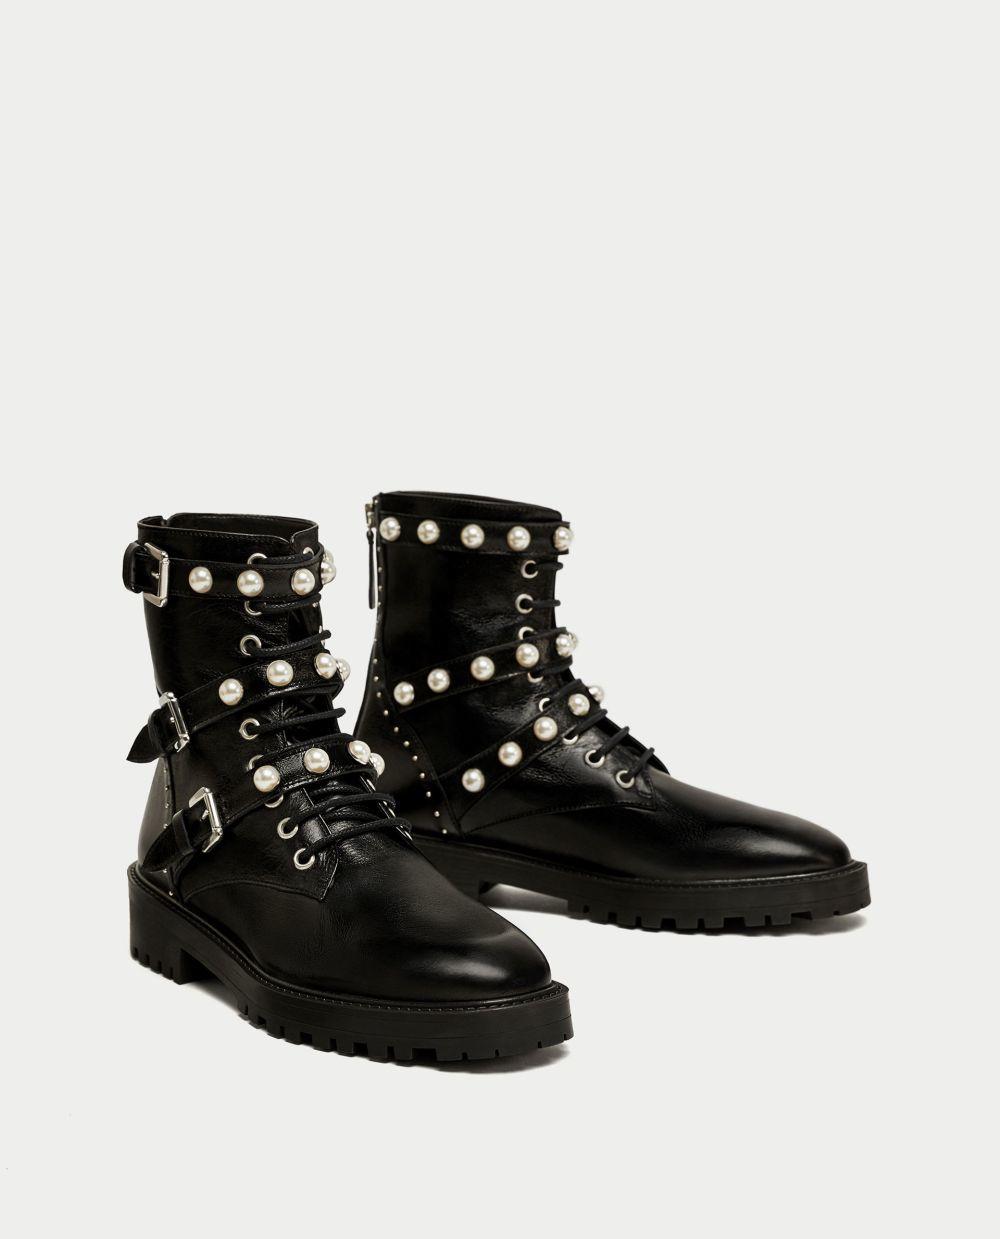 Botas con detalles de perlas de Zara (69,95 euros)